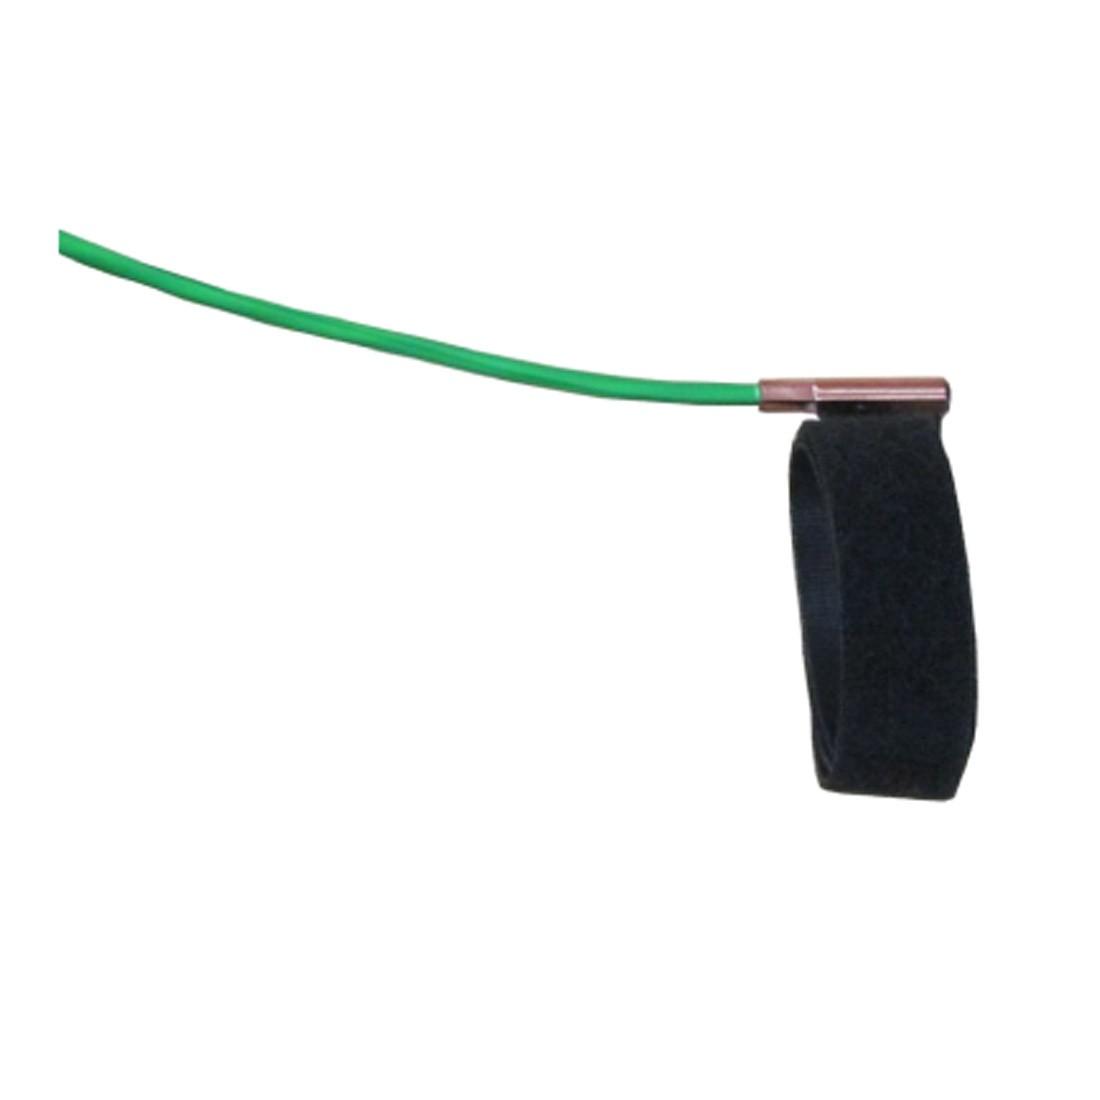 SKV 300 Thermoelement K Klasse 1 3 m-Rohranlegefühler mit Klettband (-20 bis 90°C)